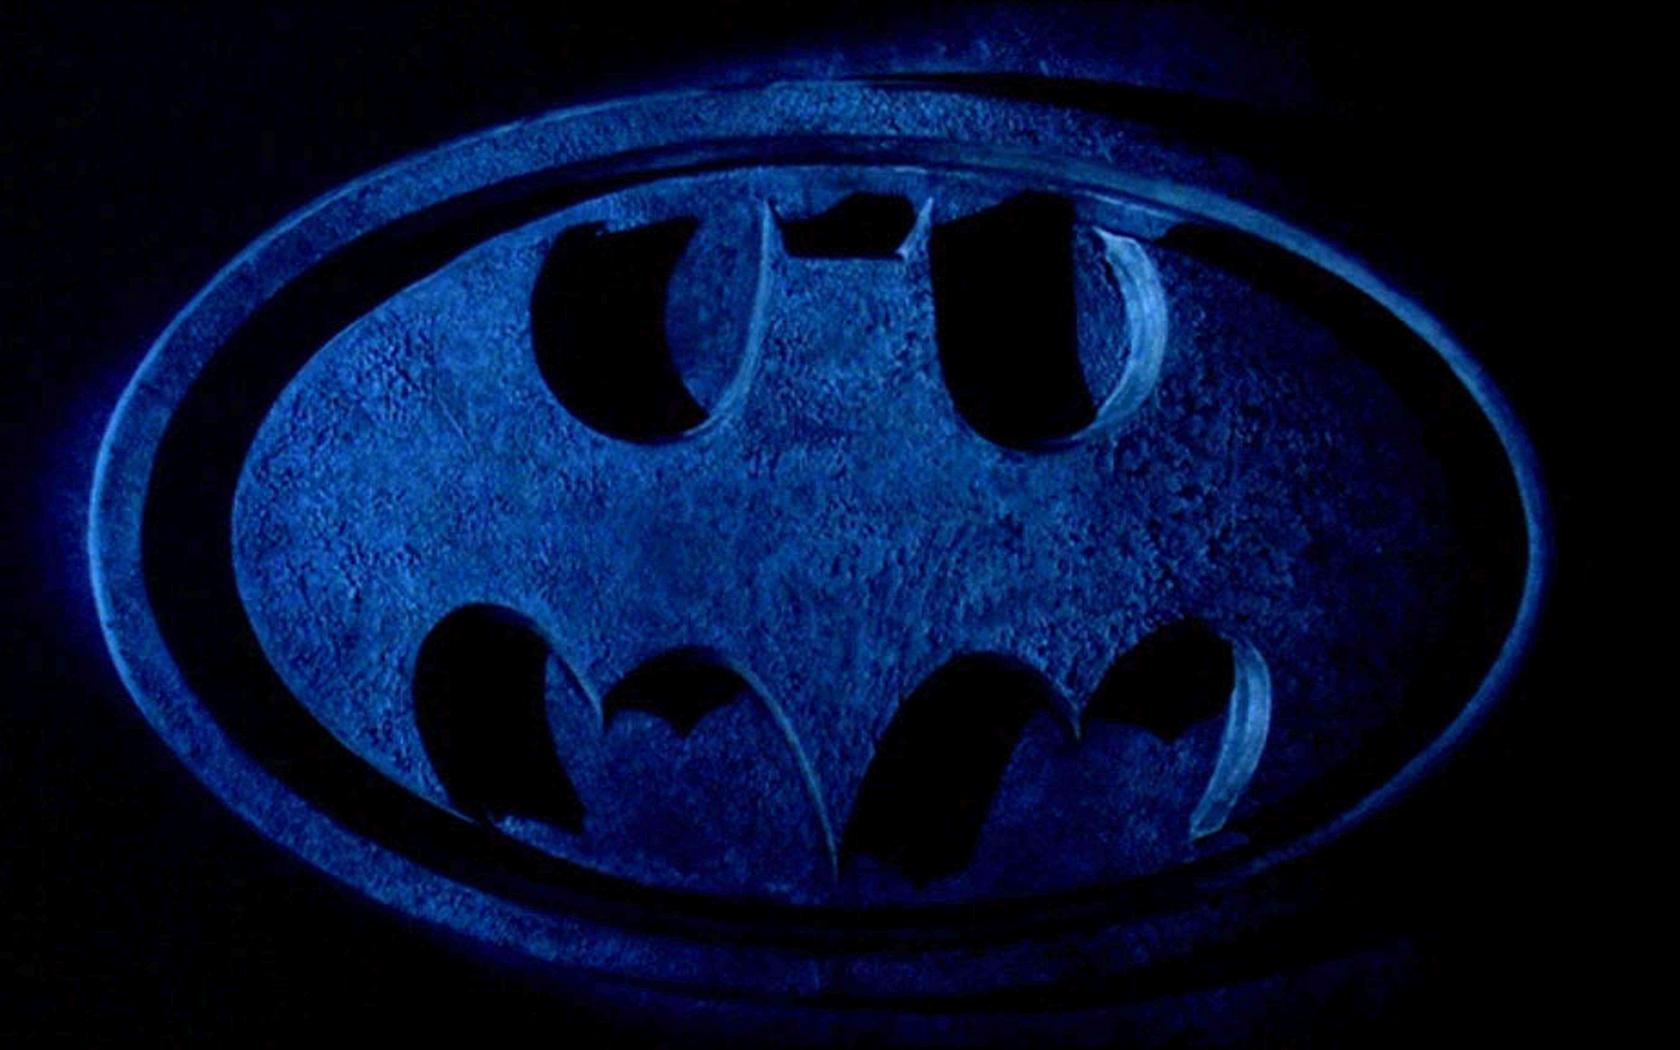 Batman Logo Wallpaper - Batman Wallpapers